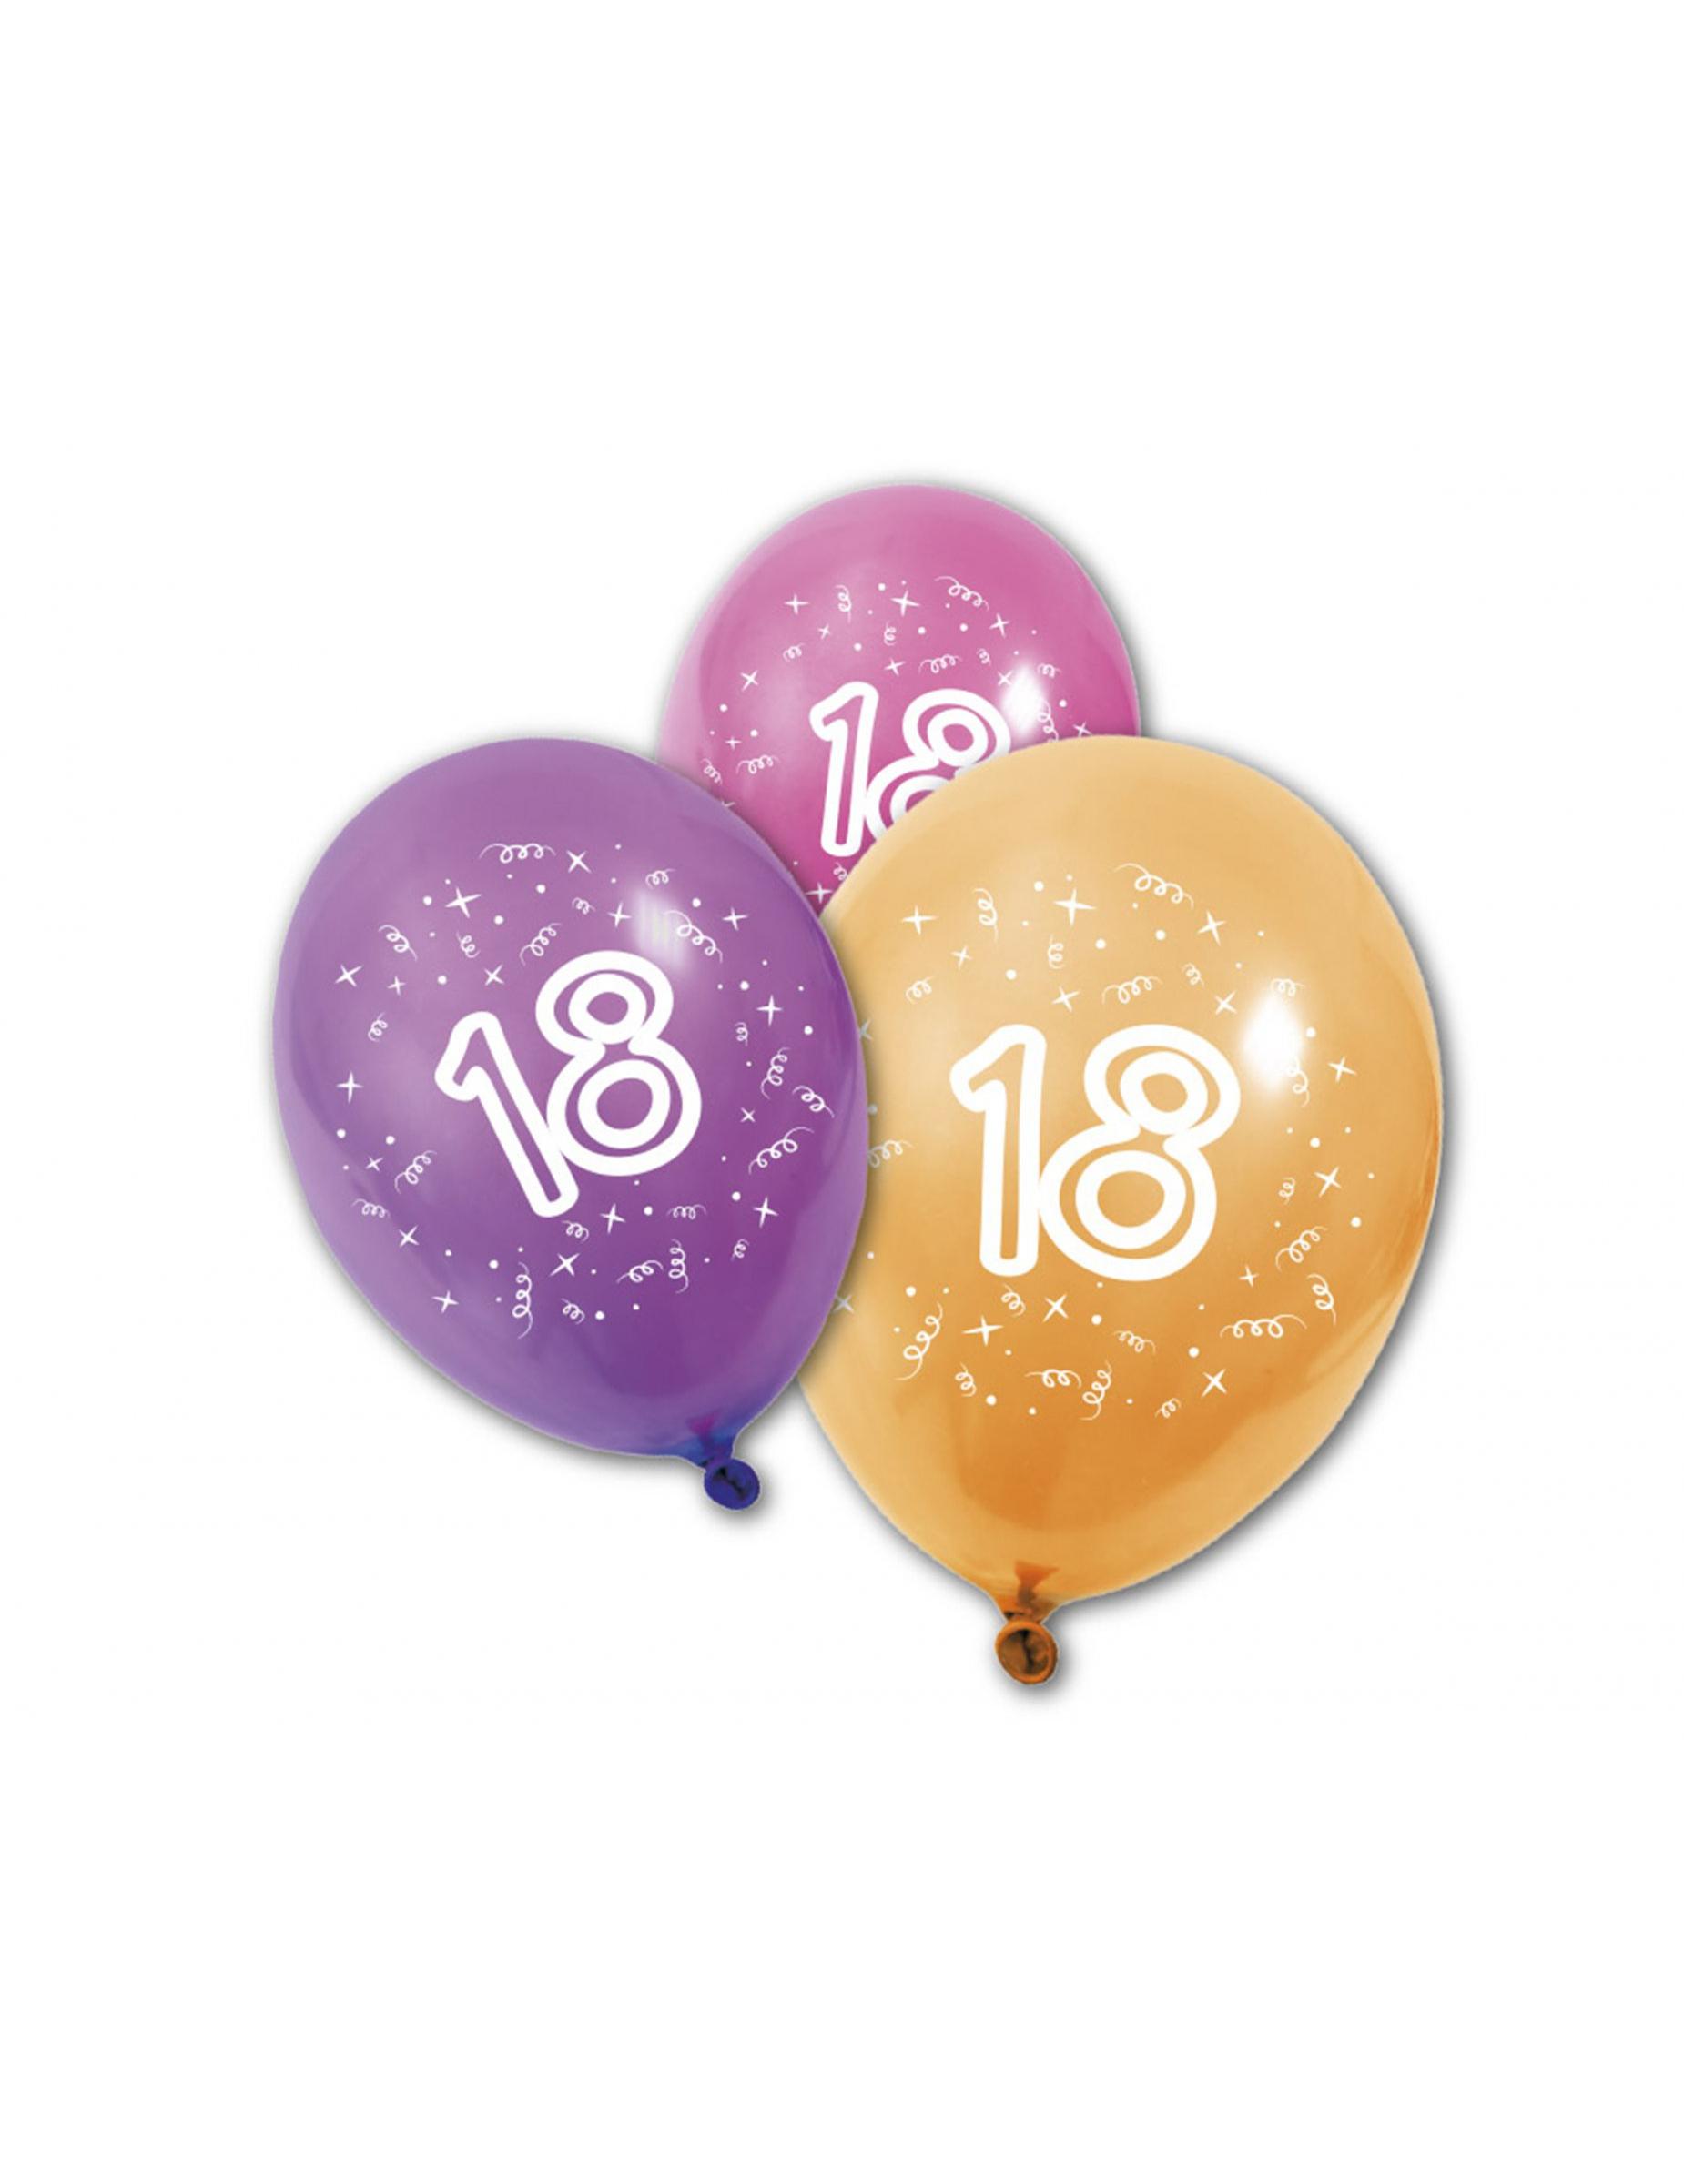 8 globos de cumplea os 18 a os decoraci n y disfraces - Photocall cumpleanos 18 anos ...